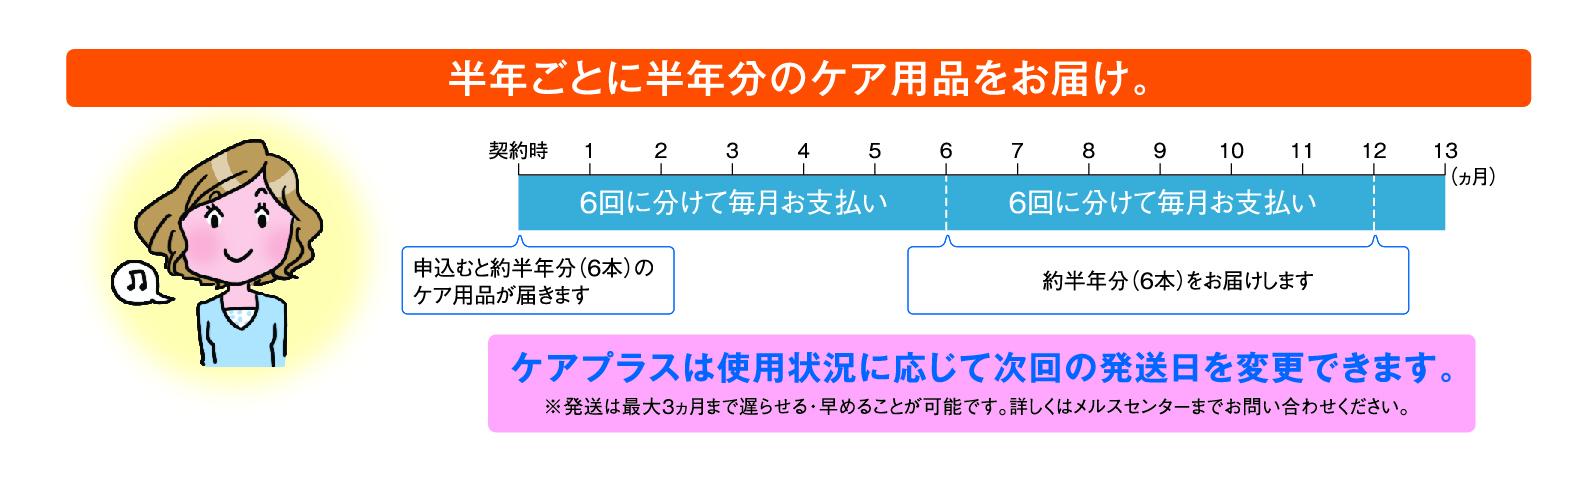 ケアプラ発送日.jpg